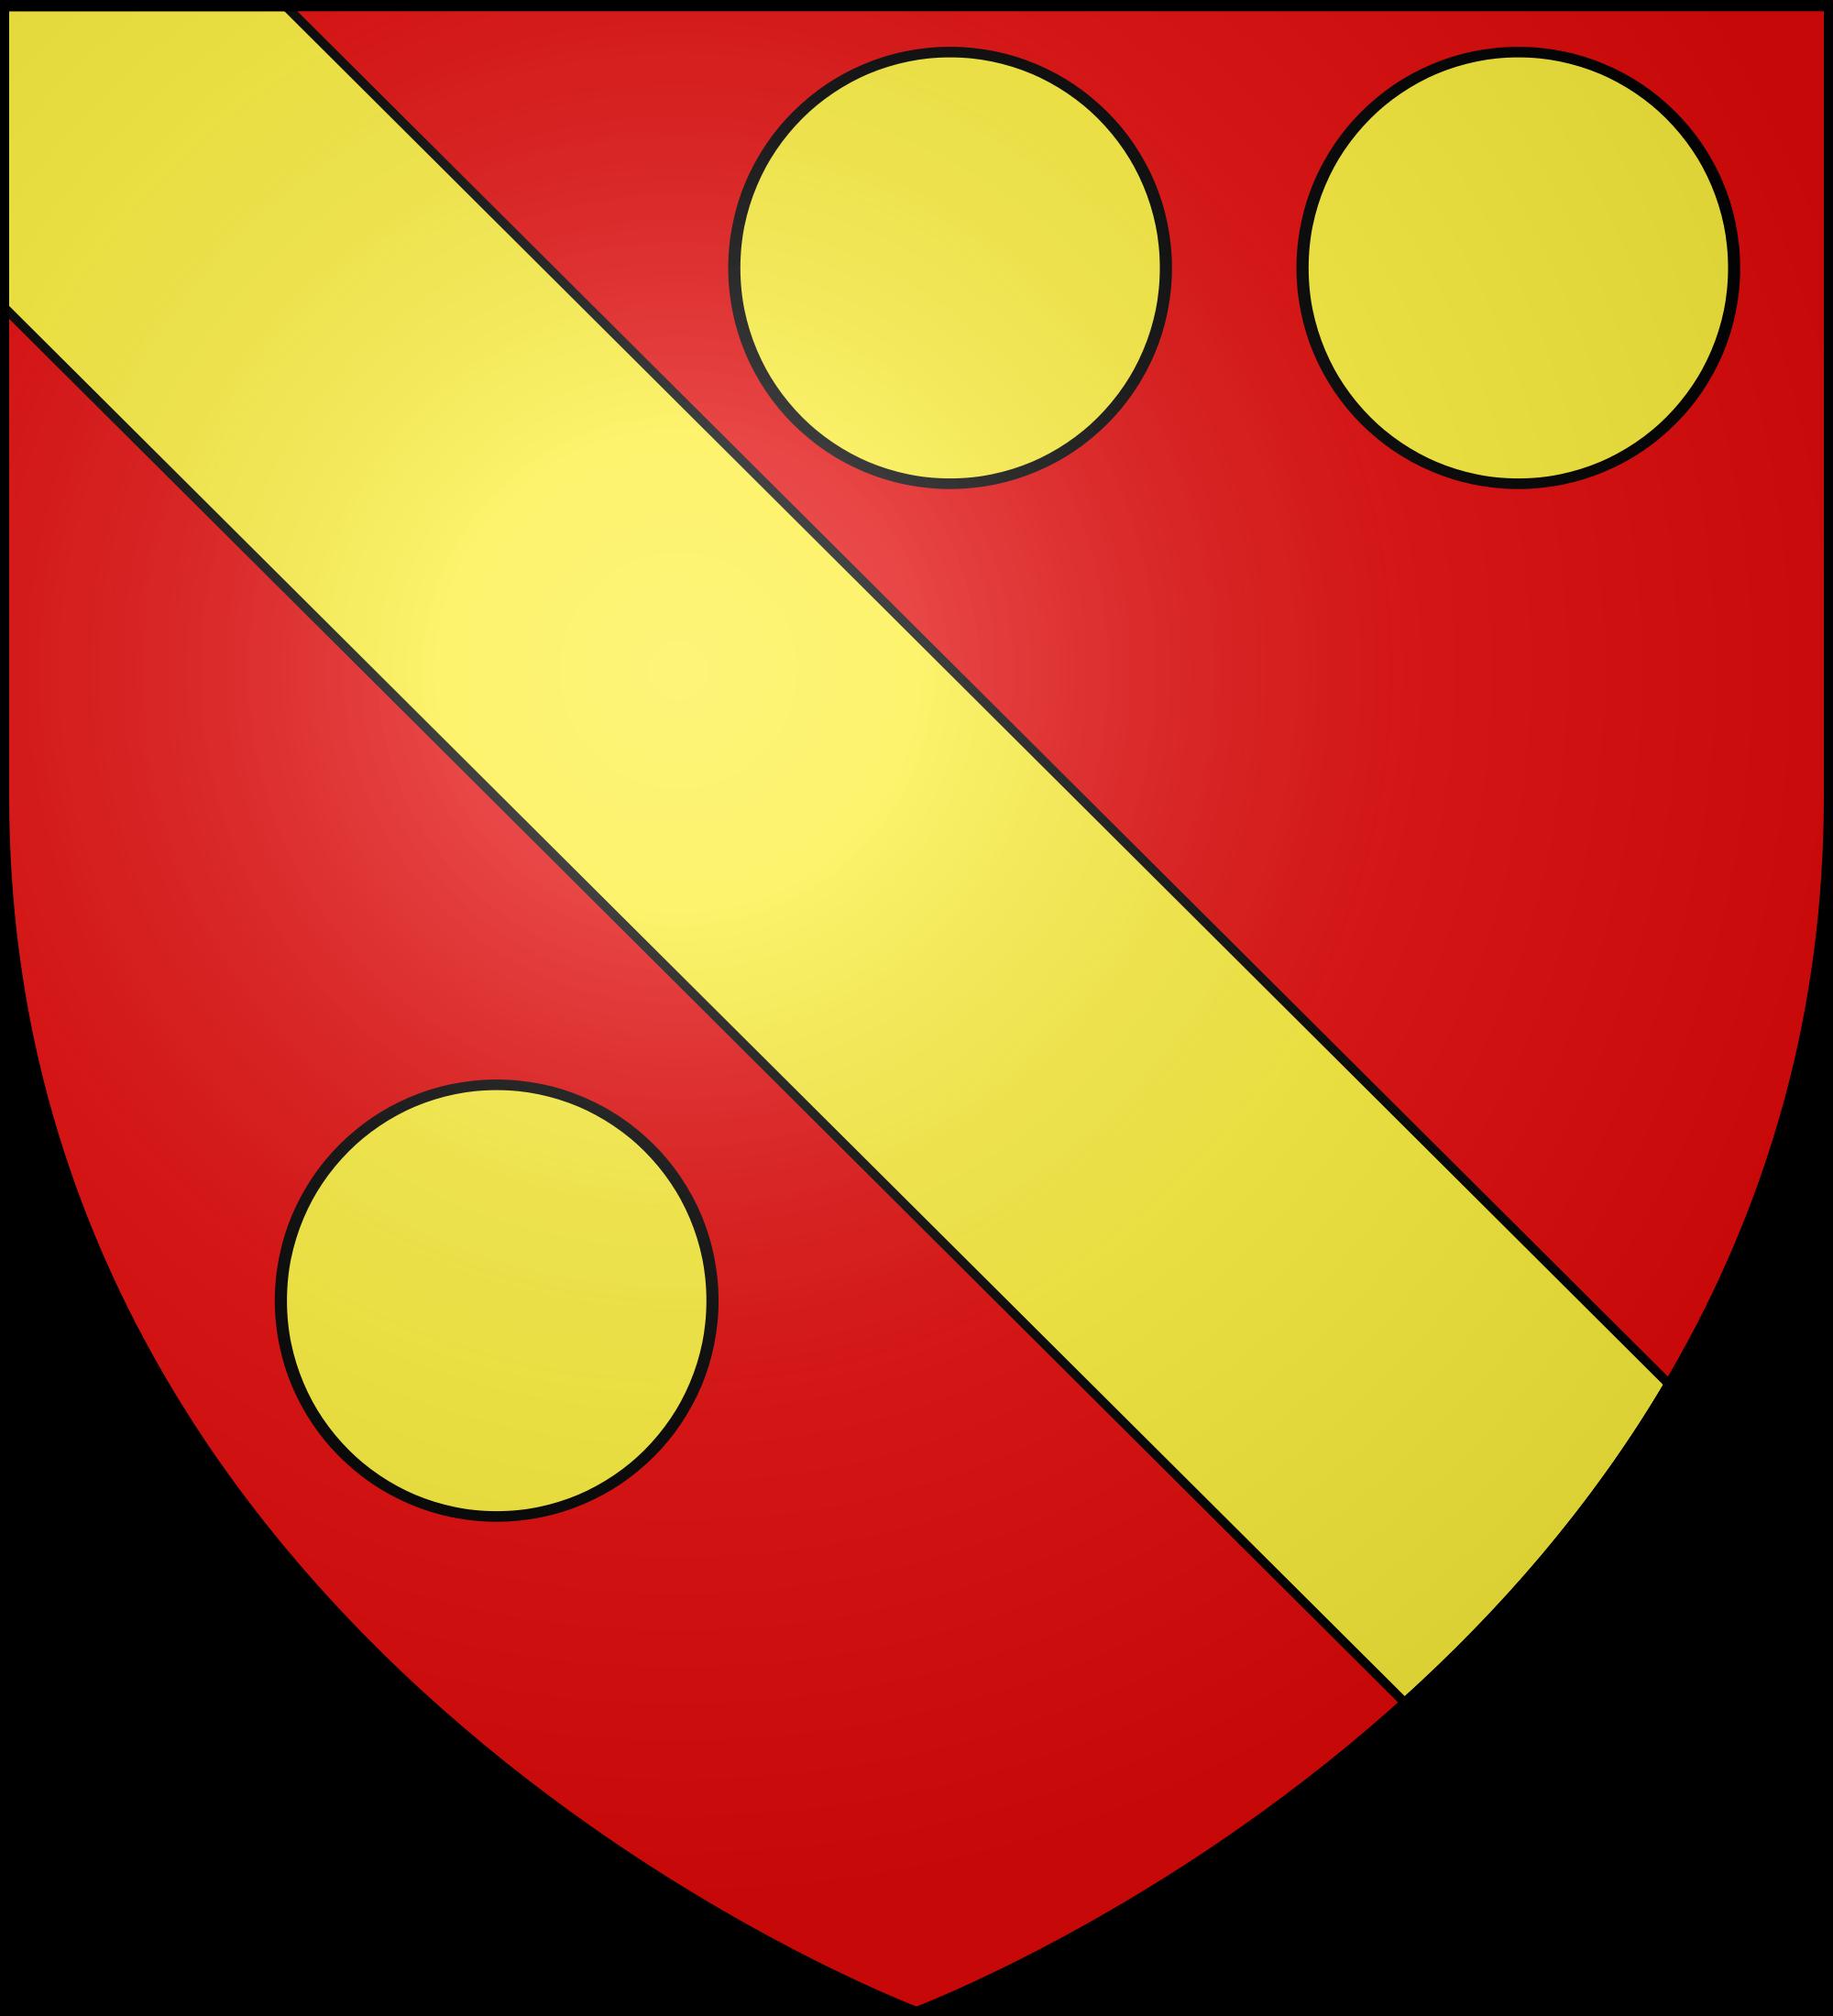 File:Blason fam fr Fabre de l'Aude.svg.